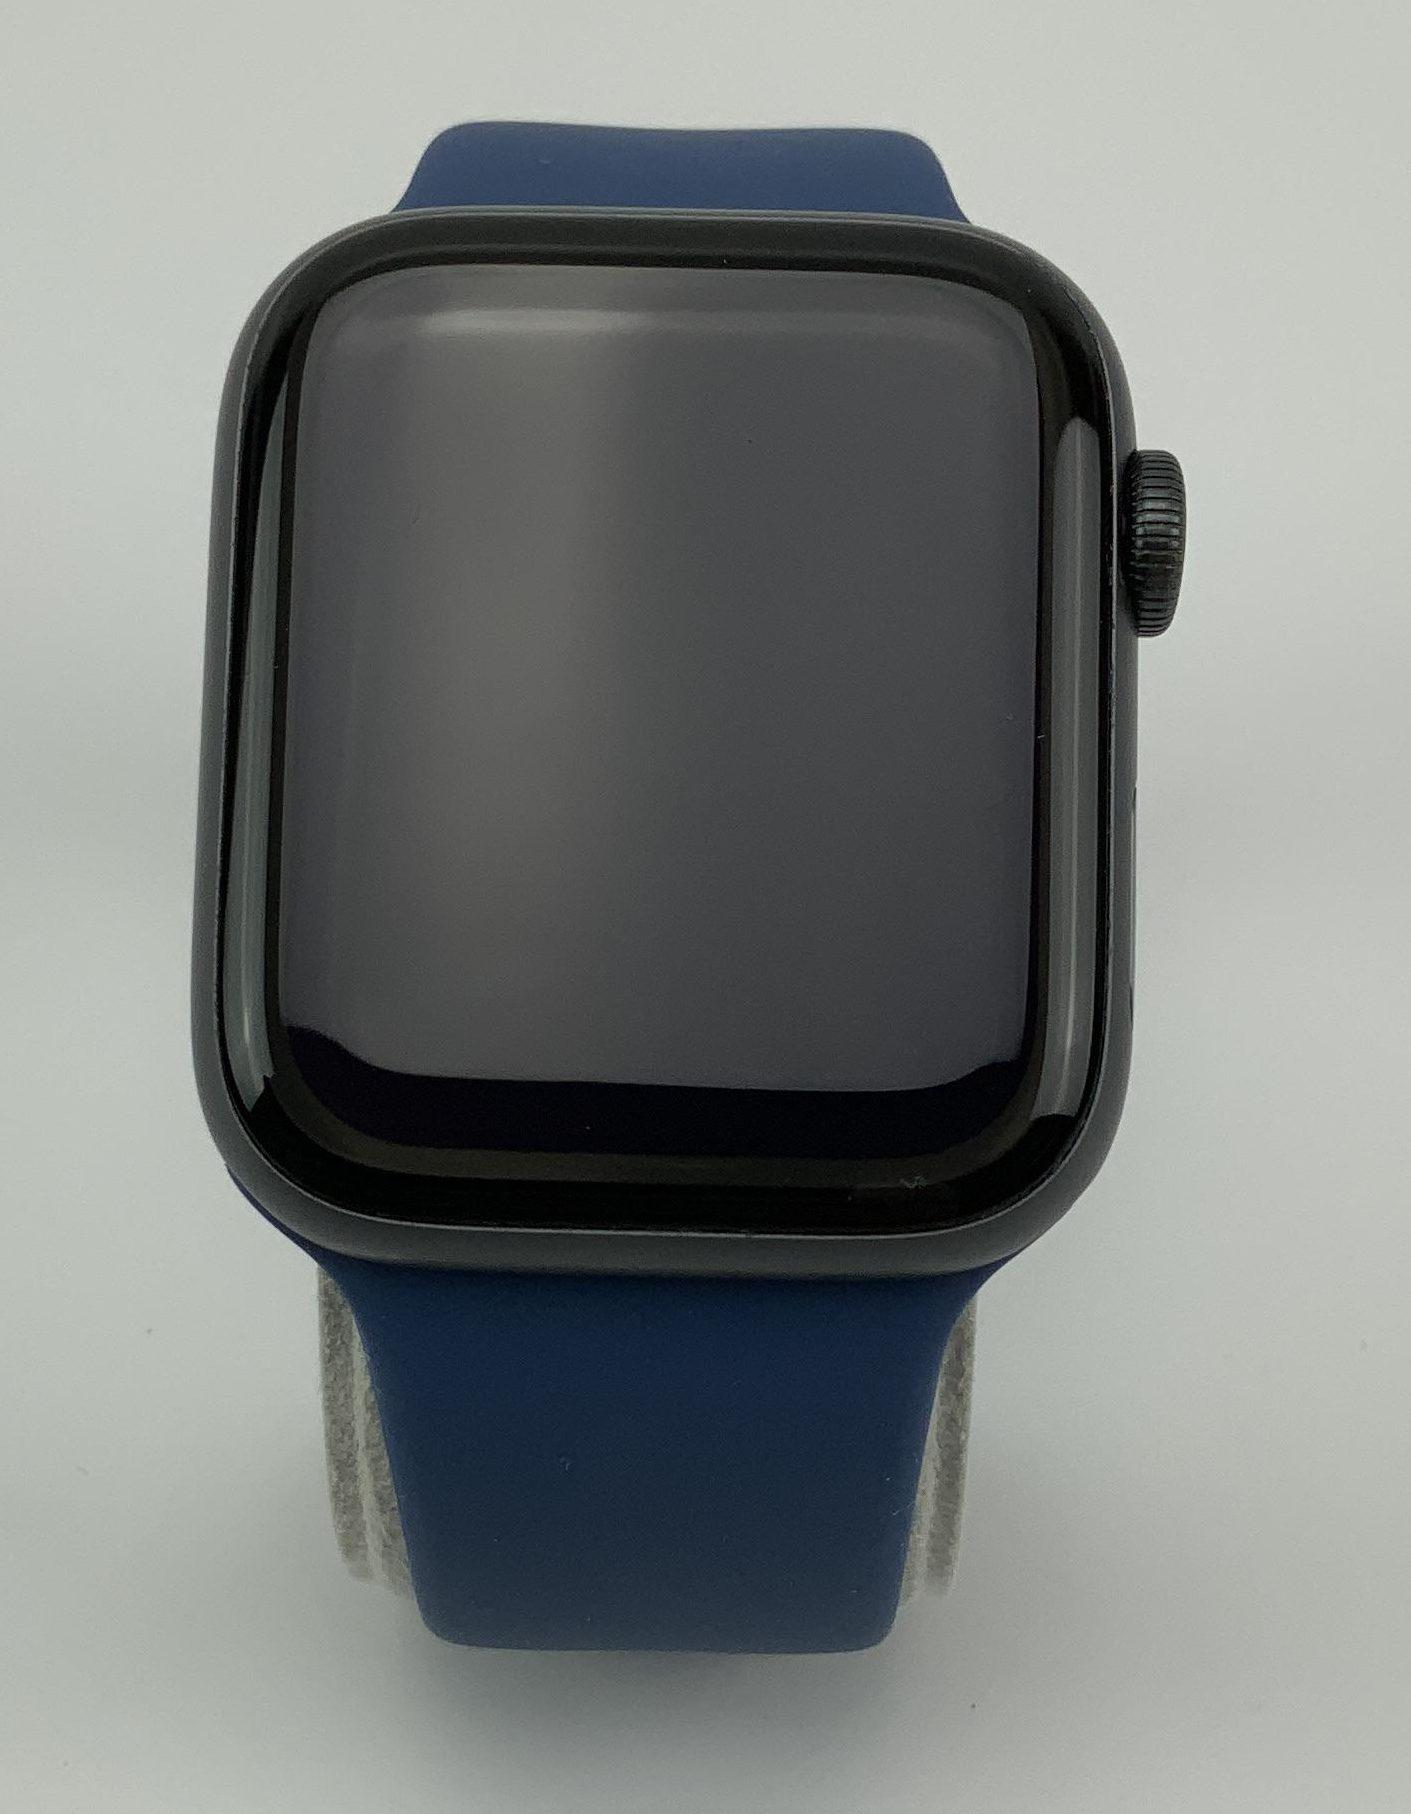 Watch Series 4 Aluminum Cellular (44mm), Space Gray, Deep Navy Sport Band, Bild 1